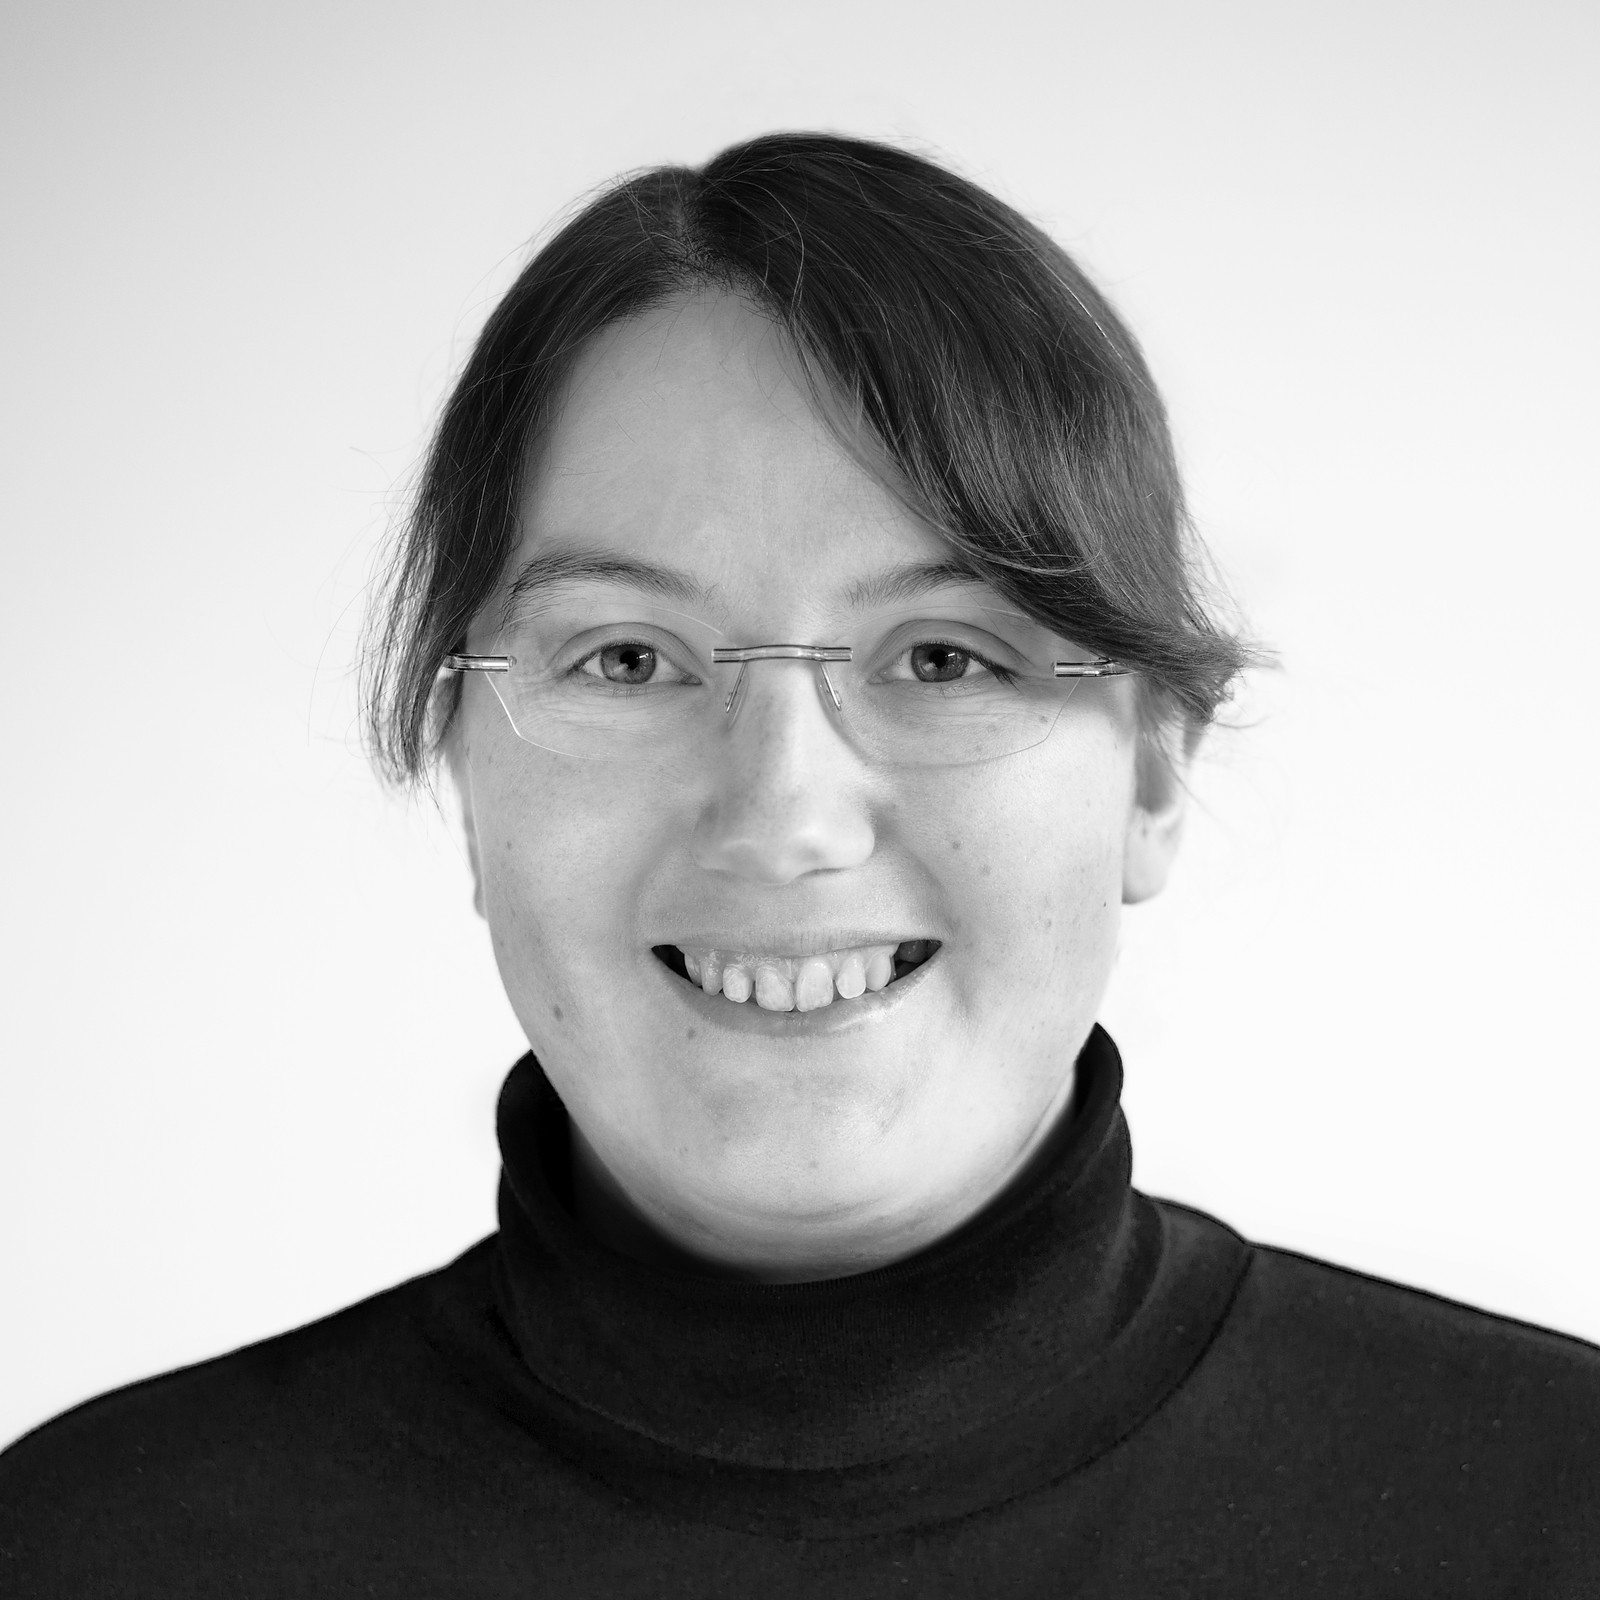 Portrait of Silvia Schreier